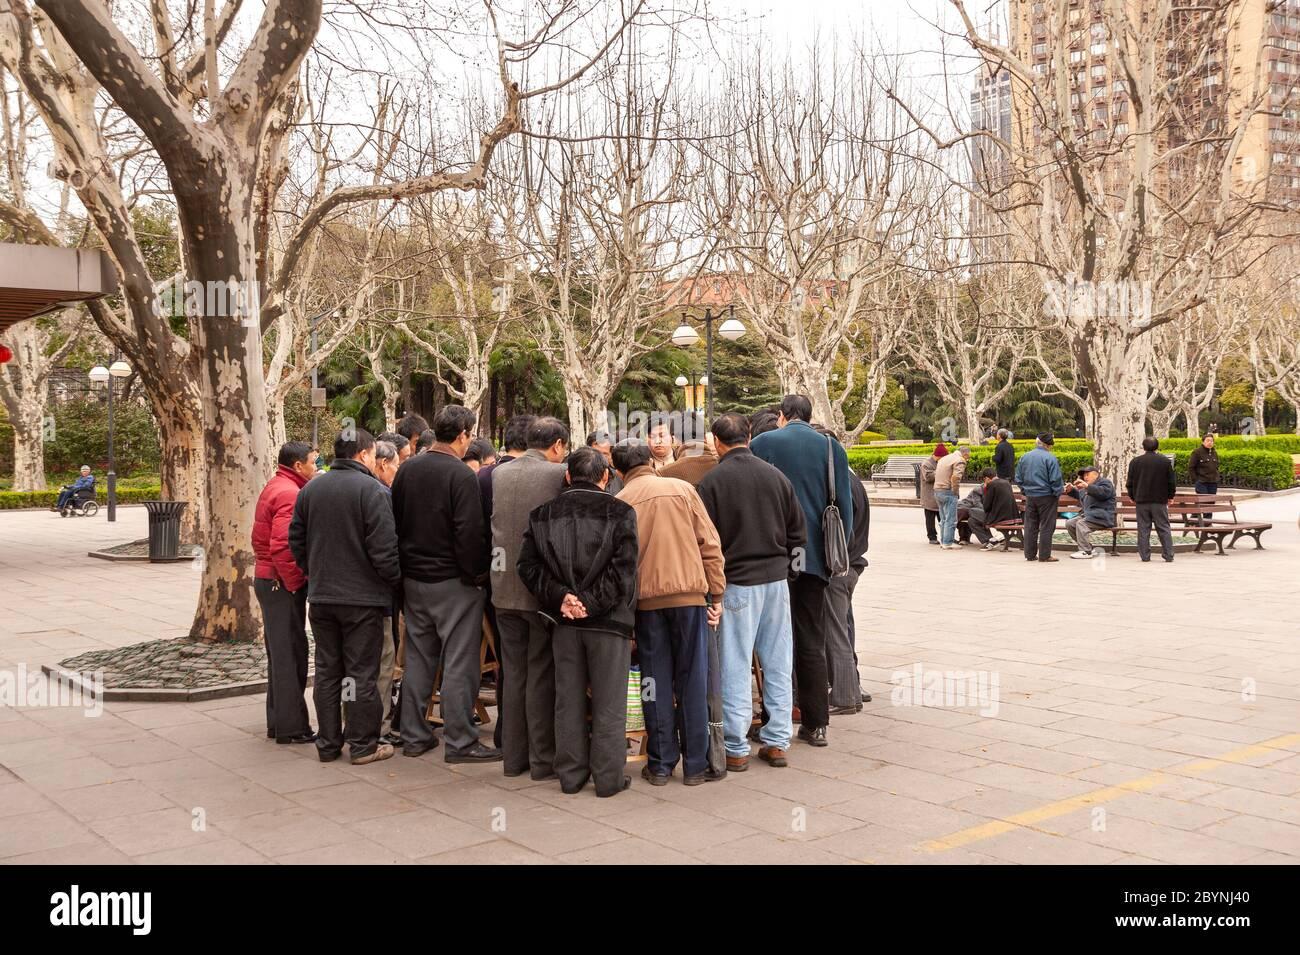 L'entassement des hommes autour d'un jeu de cartes dans le parc Fuxing, Shanghai, Chine Banque D'Images